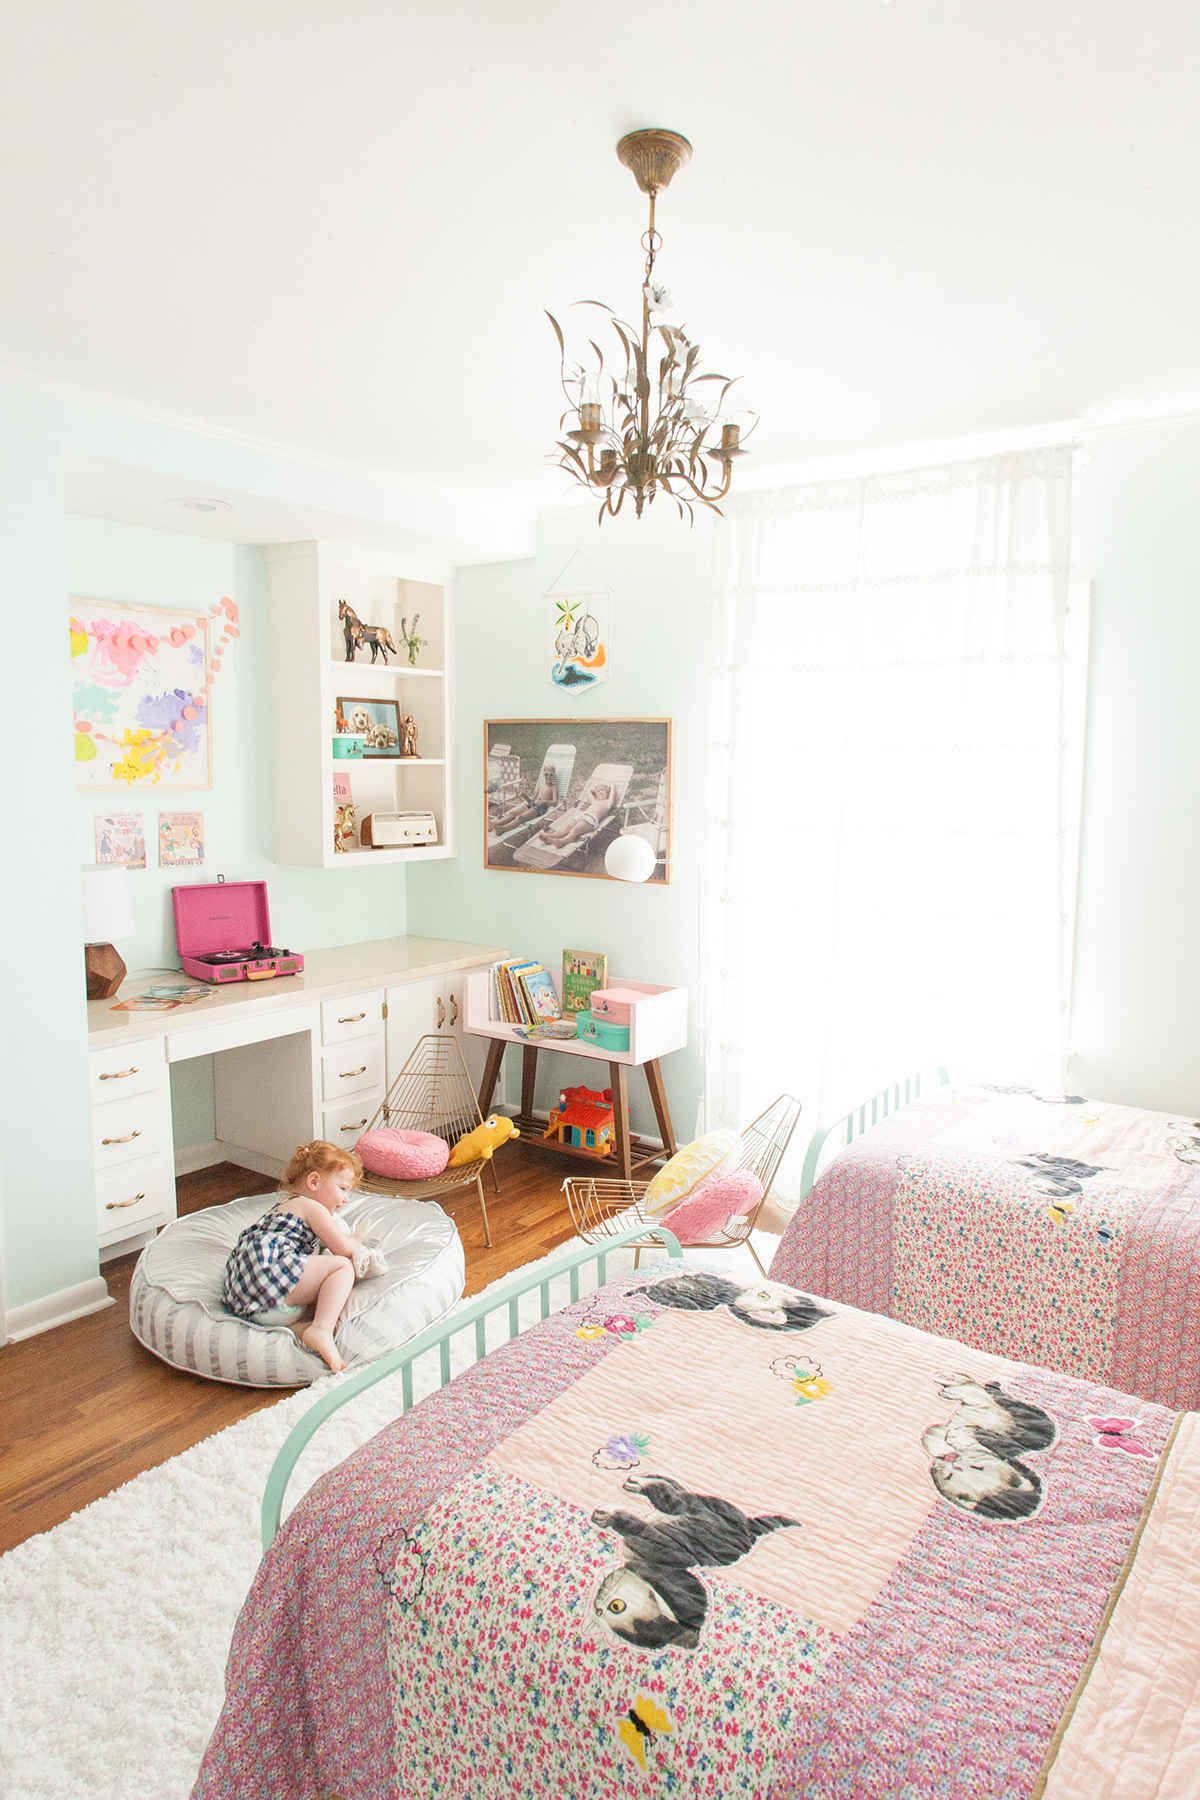 Ideas decorar habitaci n ni as dormitorio p a y nina for Ideas decoracion habitacion juvenil nino